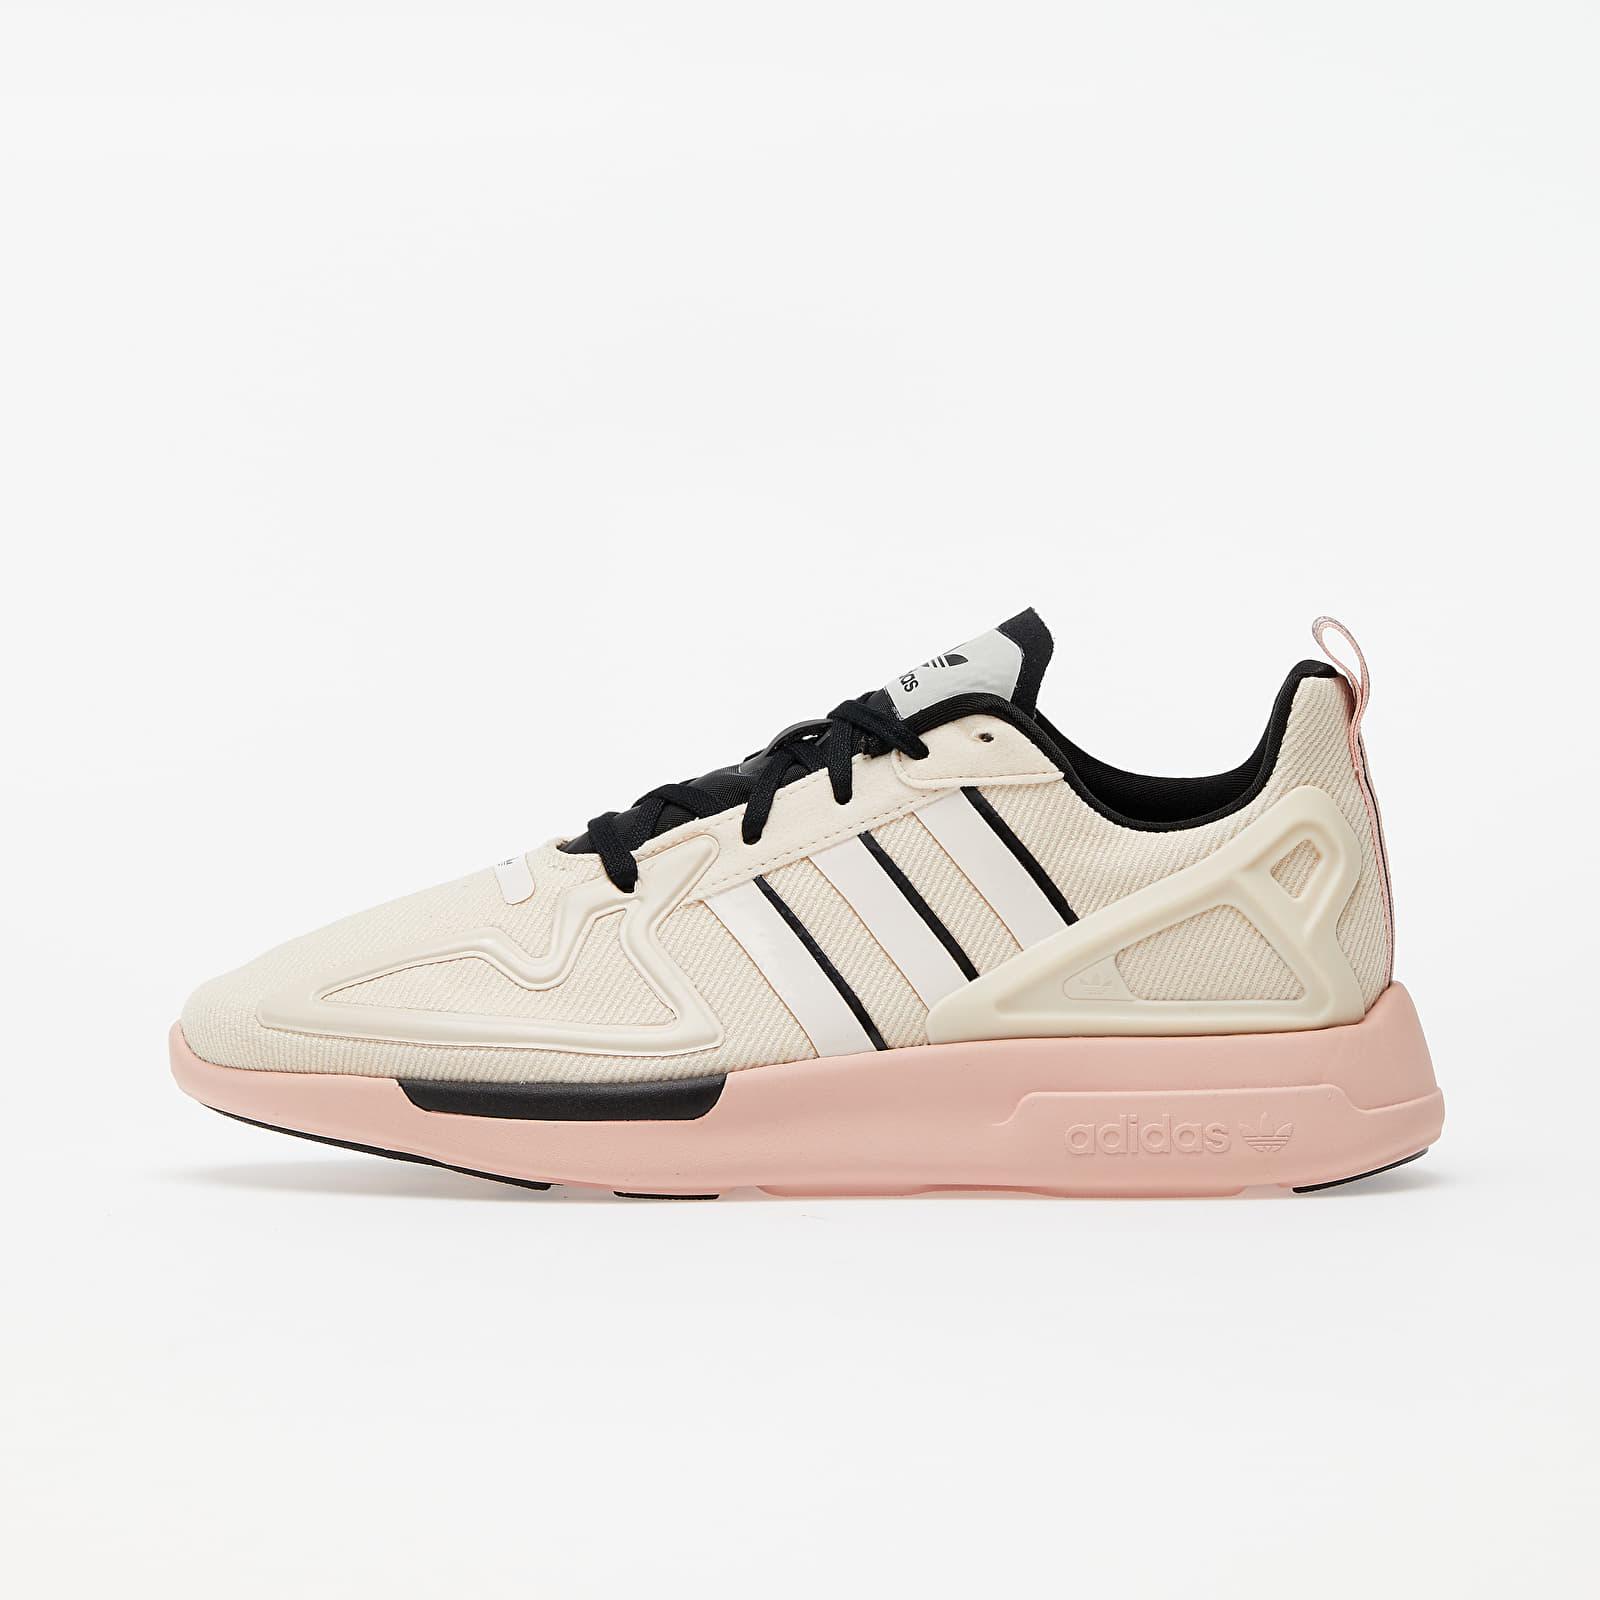 adidas ZX 2K Flux W Linen/ Core Black/ Vapour Pink EUR 40